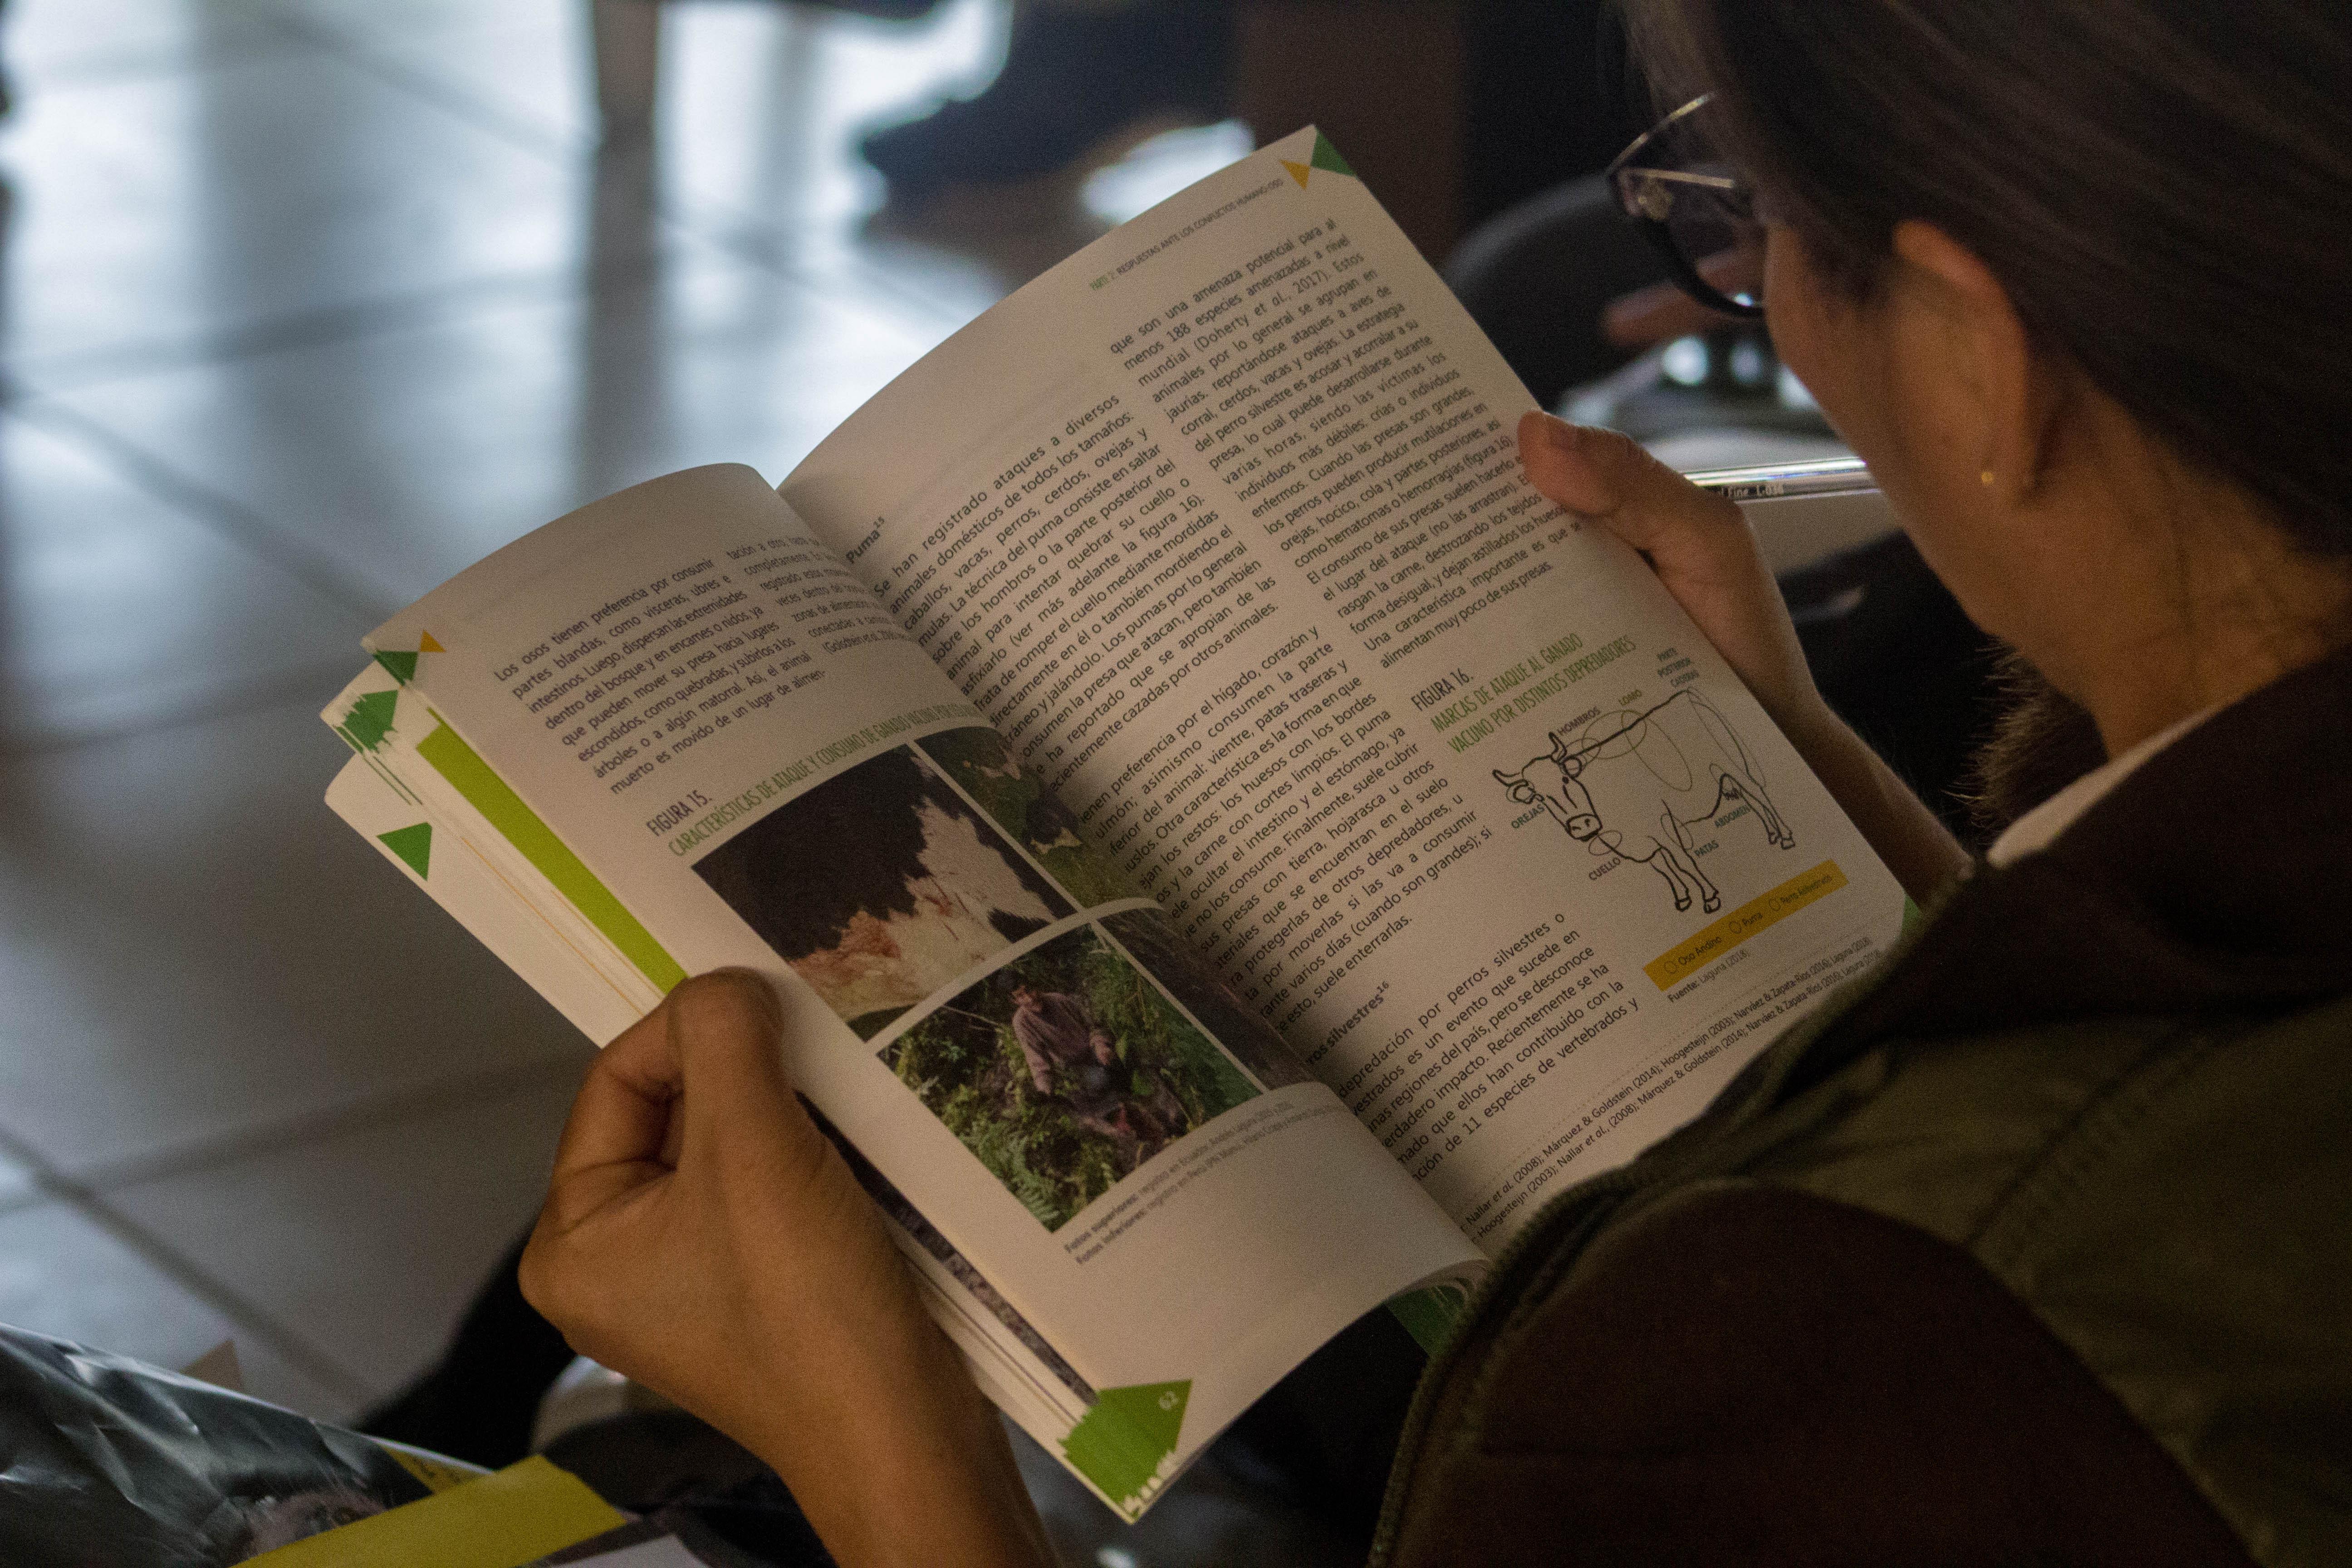 """La guía técnica """"Conviviendo con el oso andino en el Perú: diagnóstico y pautas para el manejo de los conflictos humano-oso"""" fue lanzada este año. Foto: Andrés Laguna."""